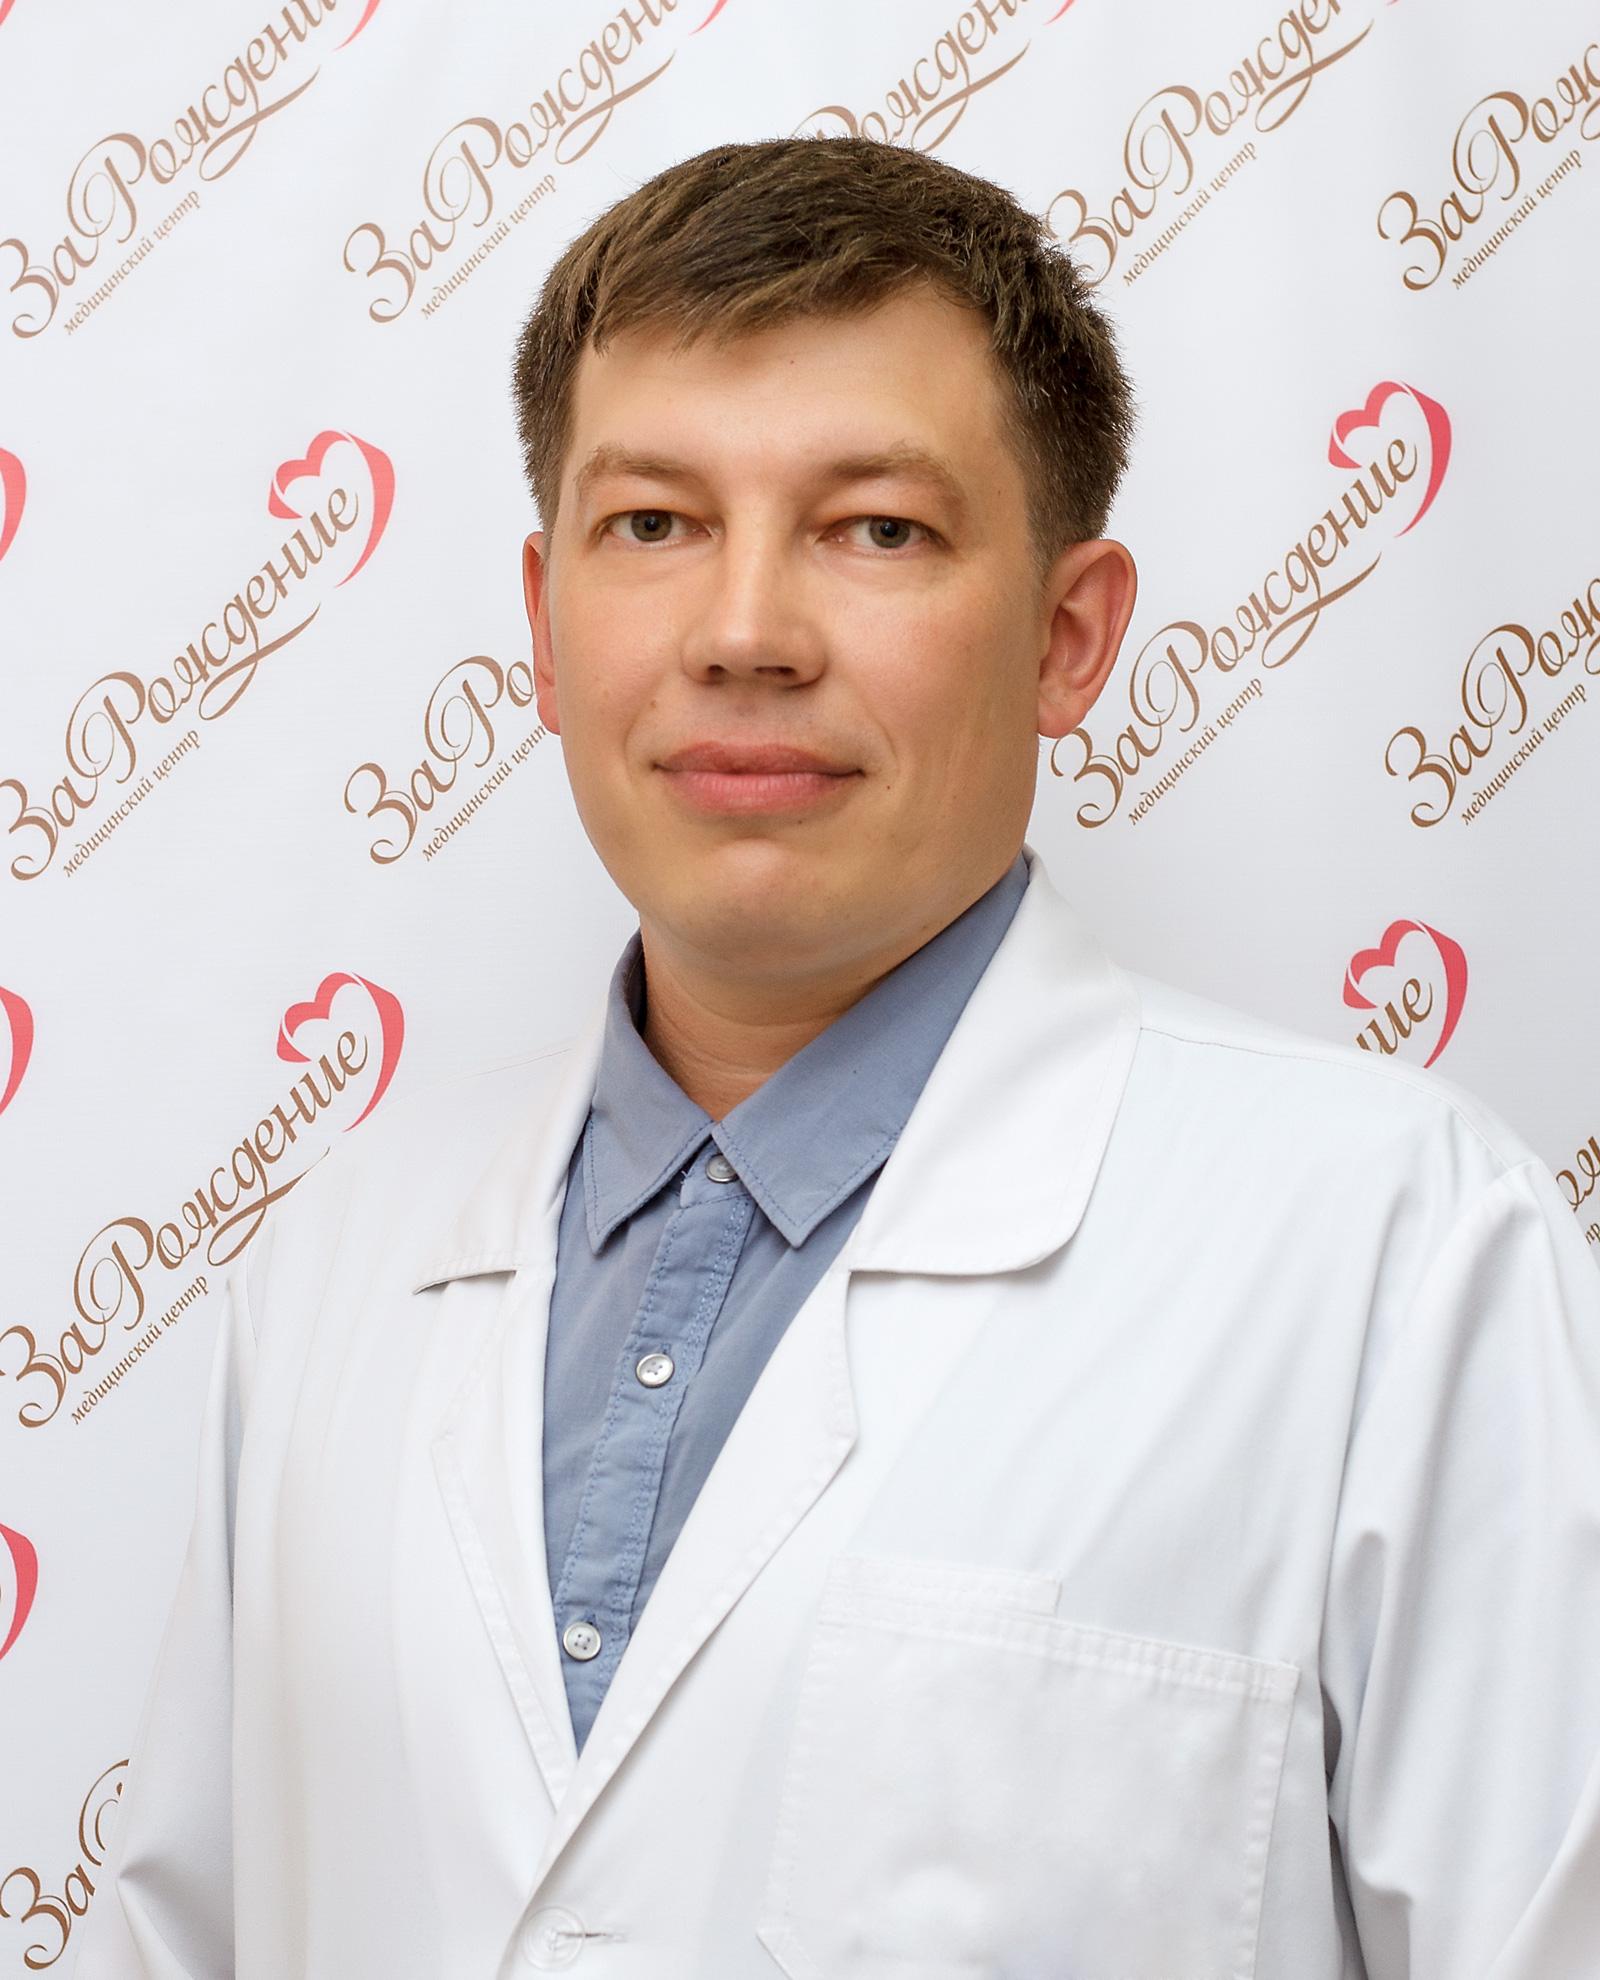 7й Конкурс юных вокалистов Елены Образцовой 2018